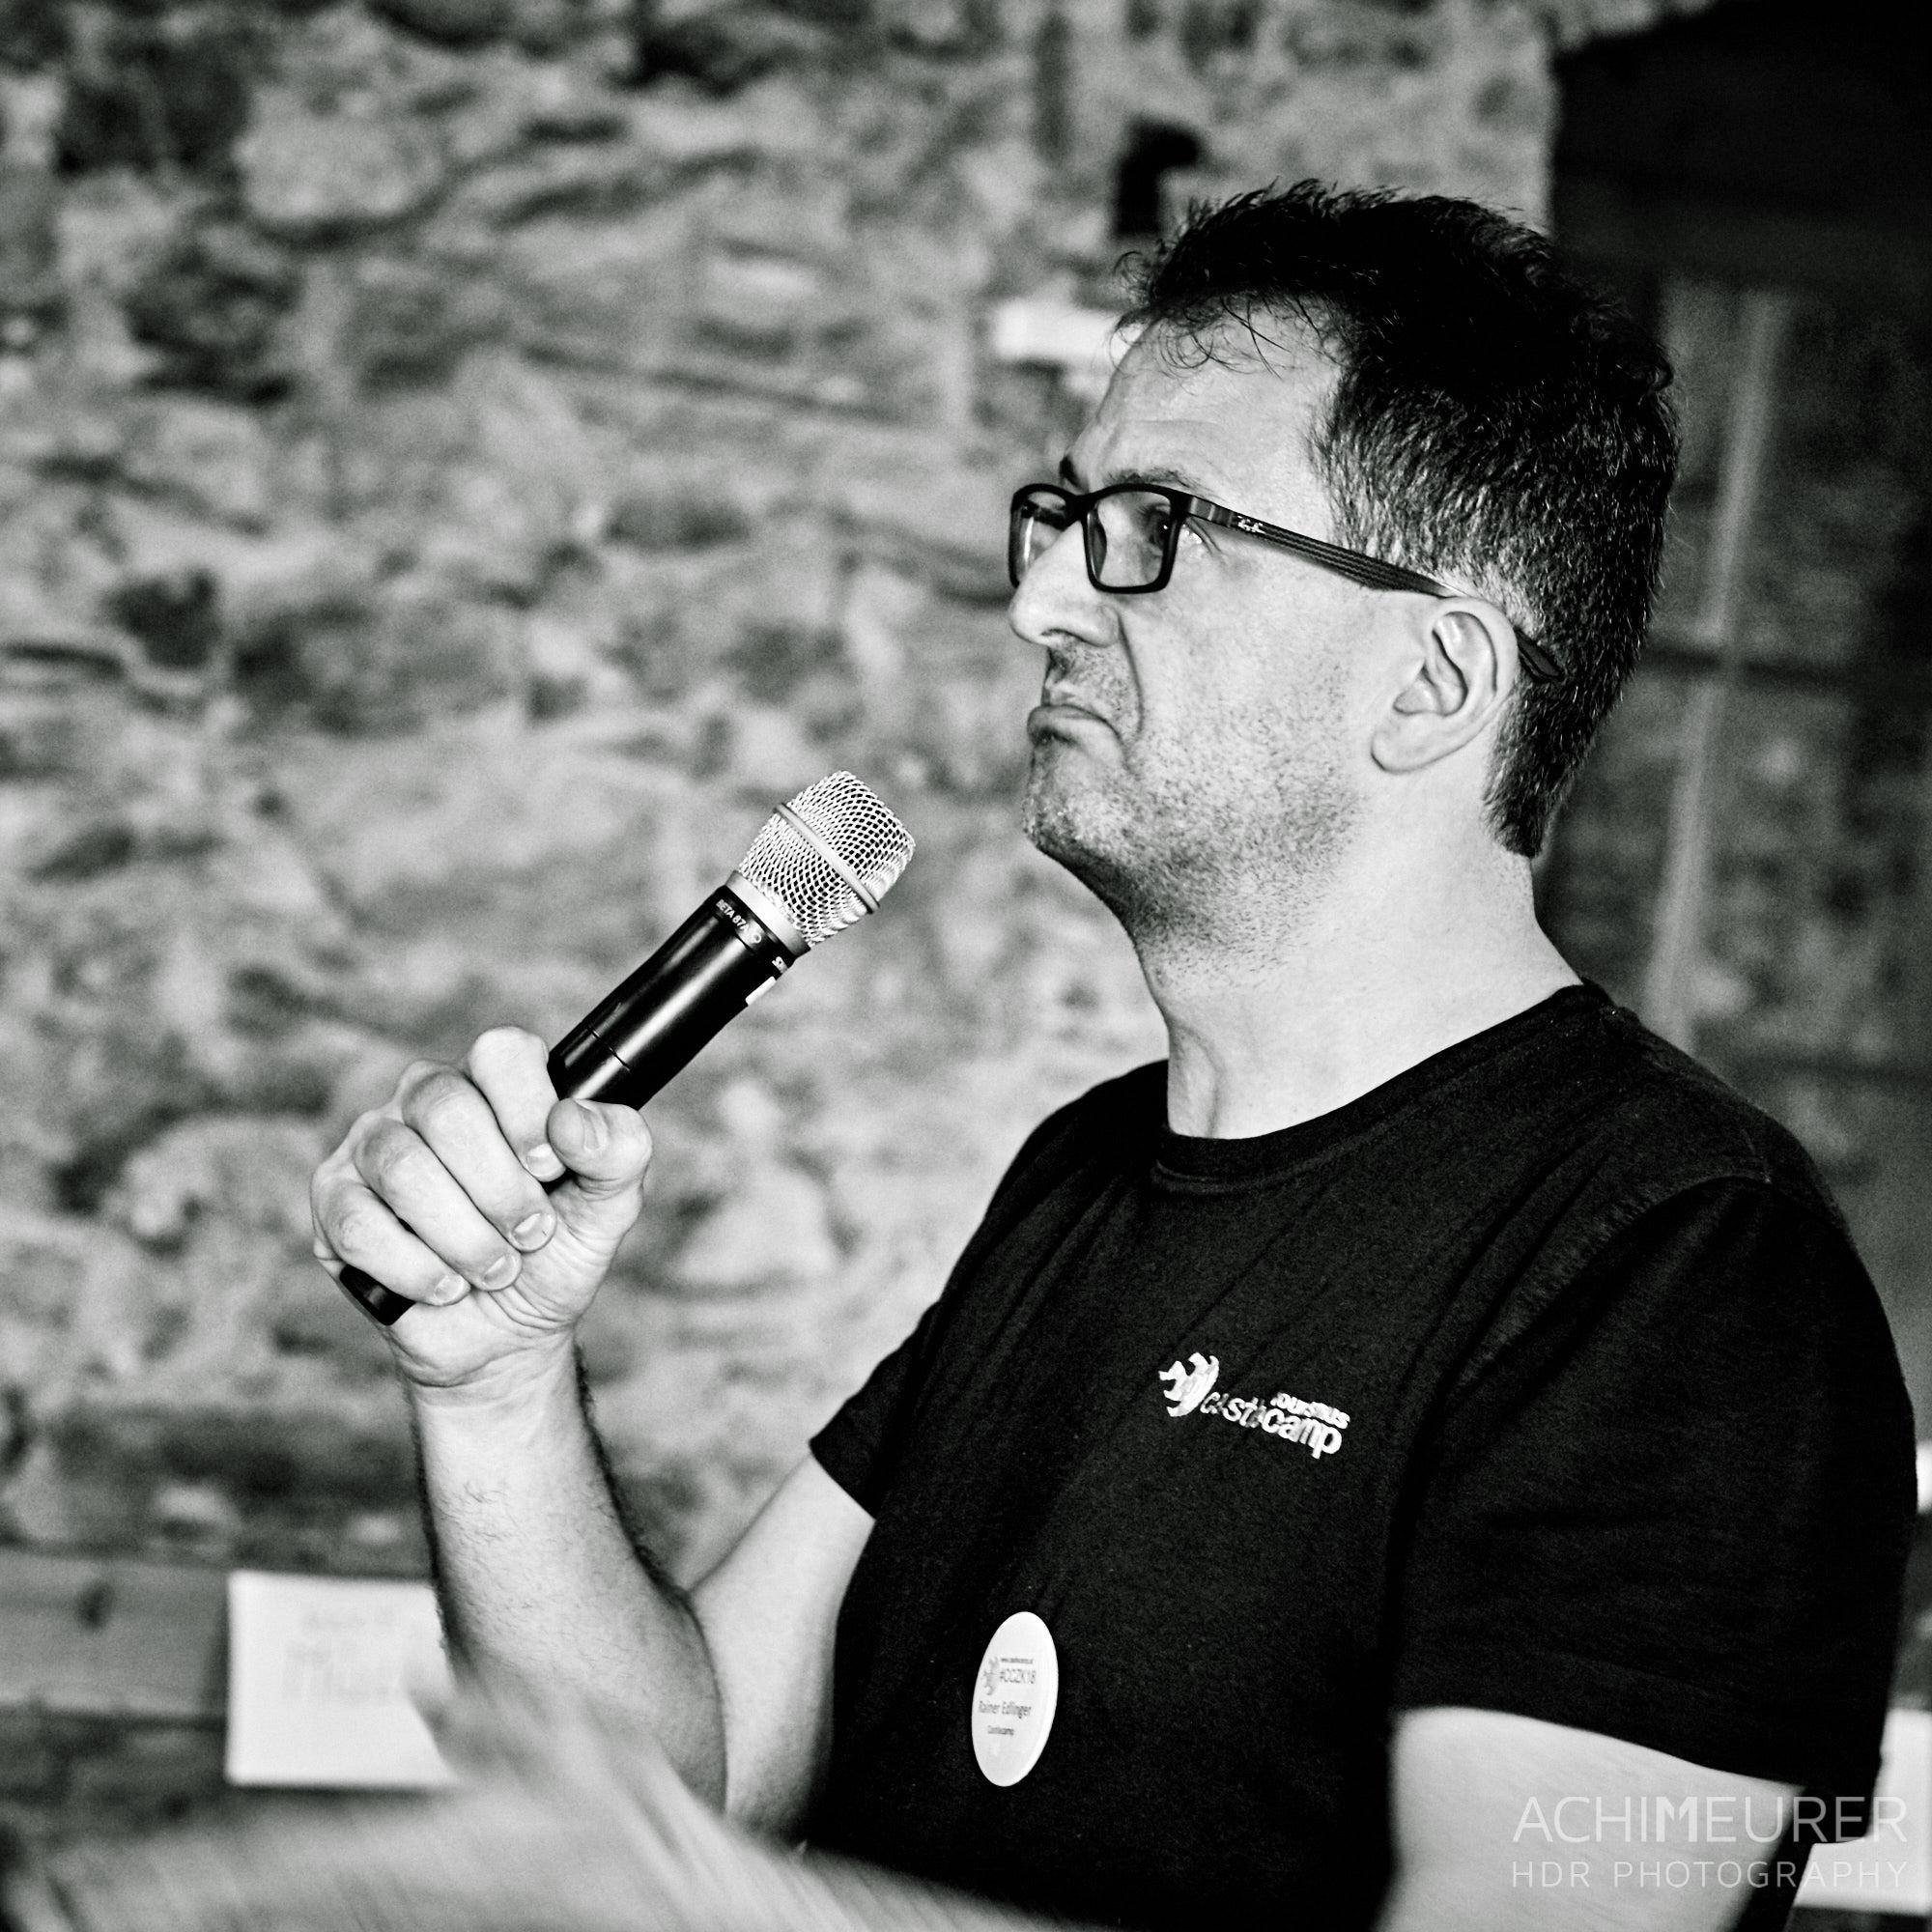 CastleCamp-2018-bnw-cczk18_8418 by Achim Meurer.